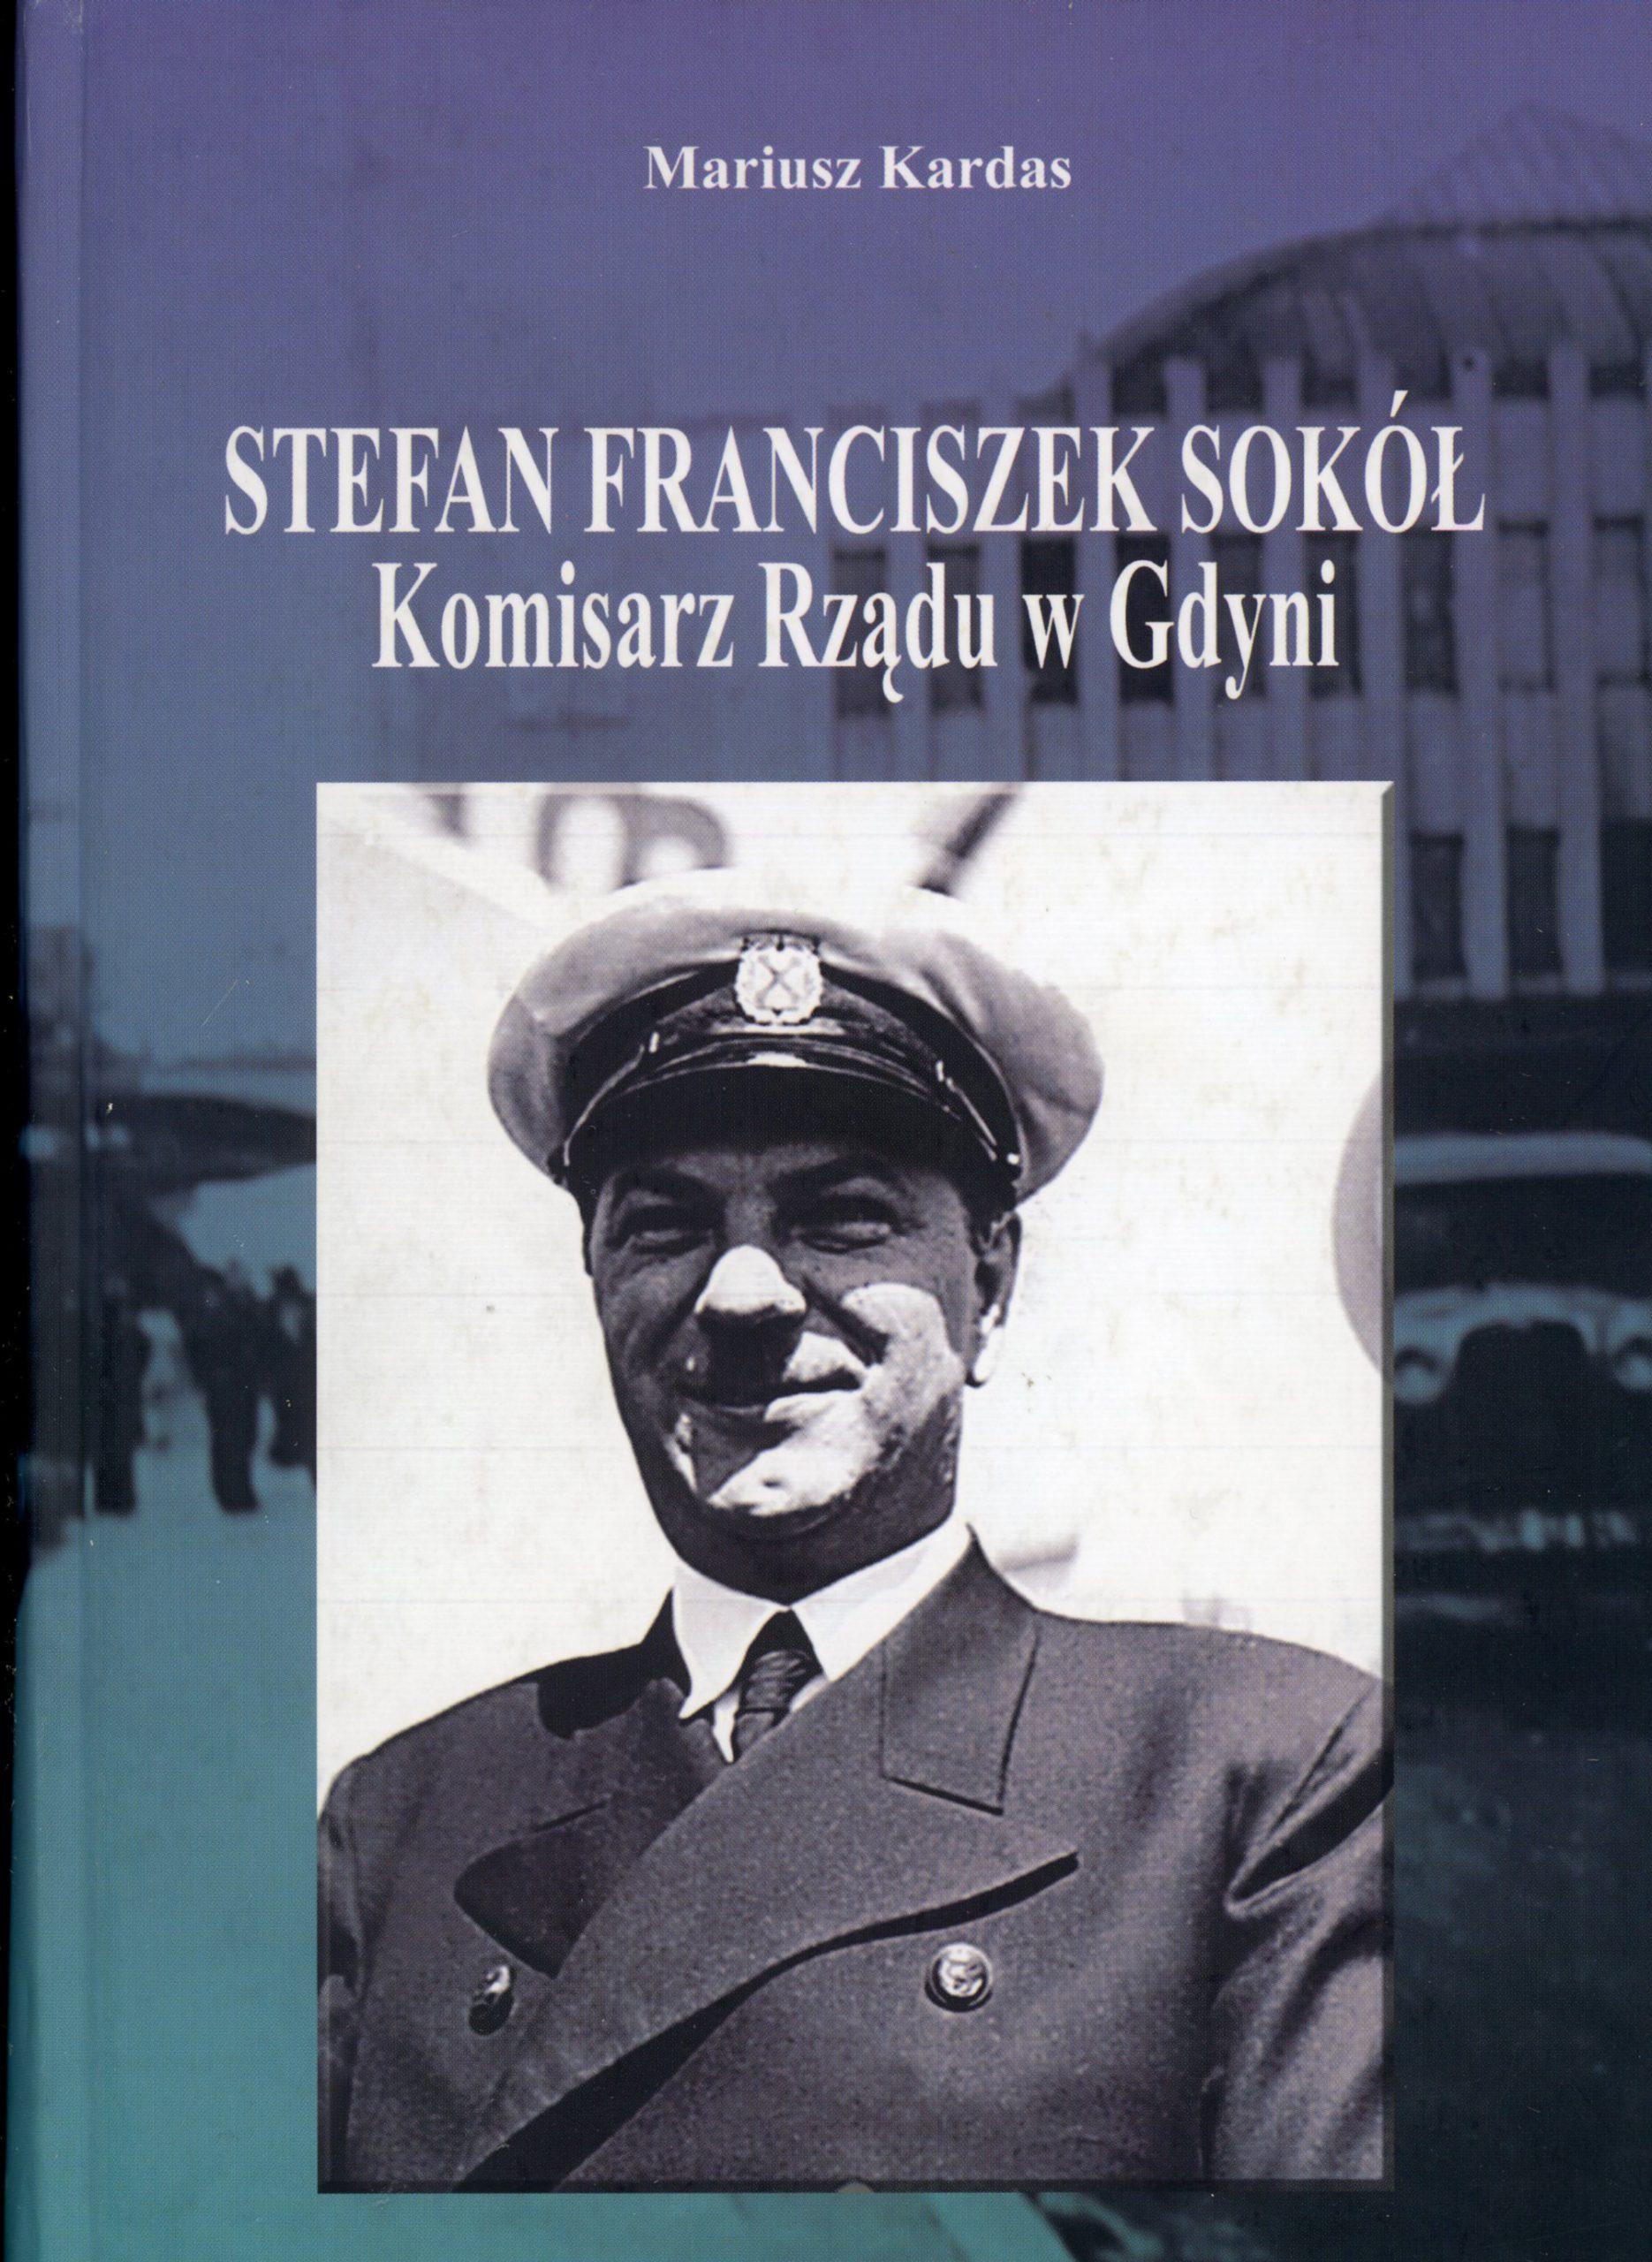 Stefan Franciszek Sokół